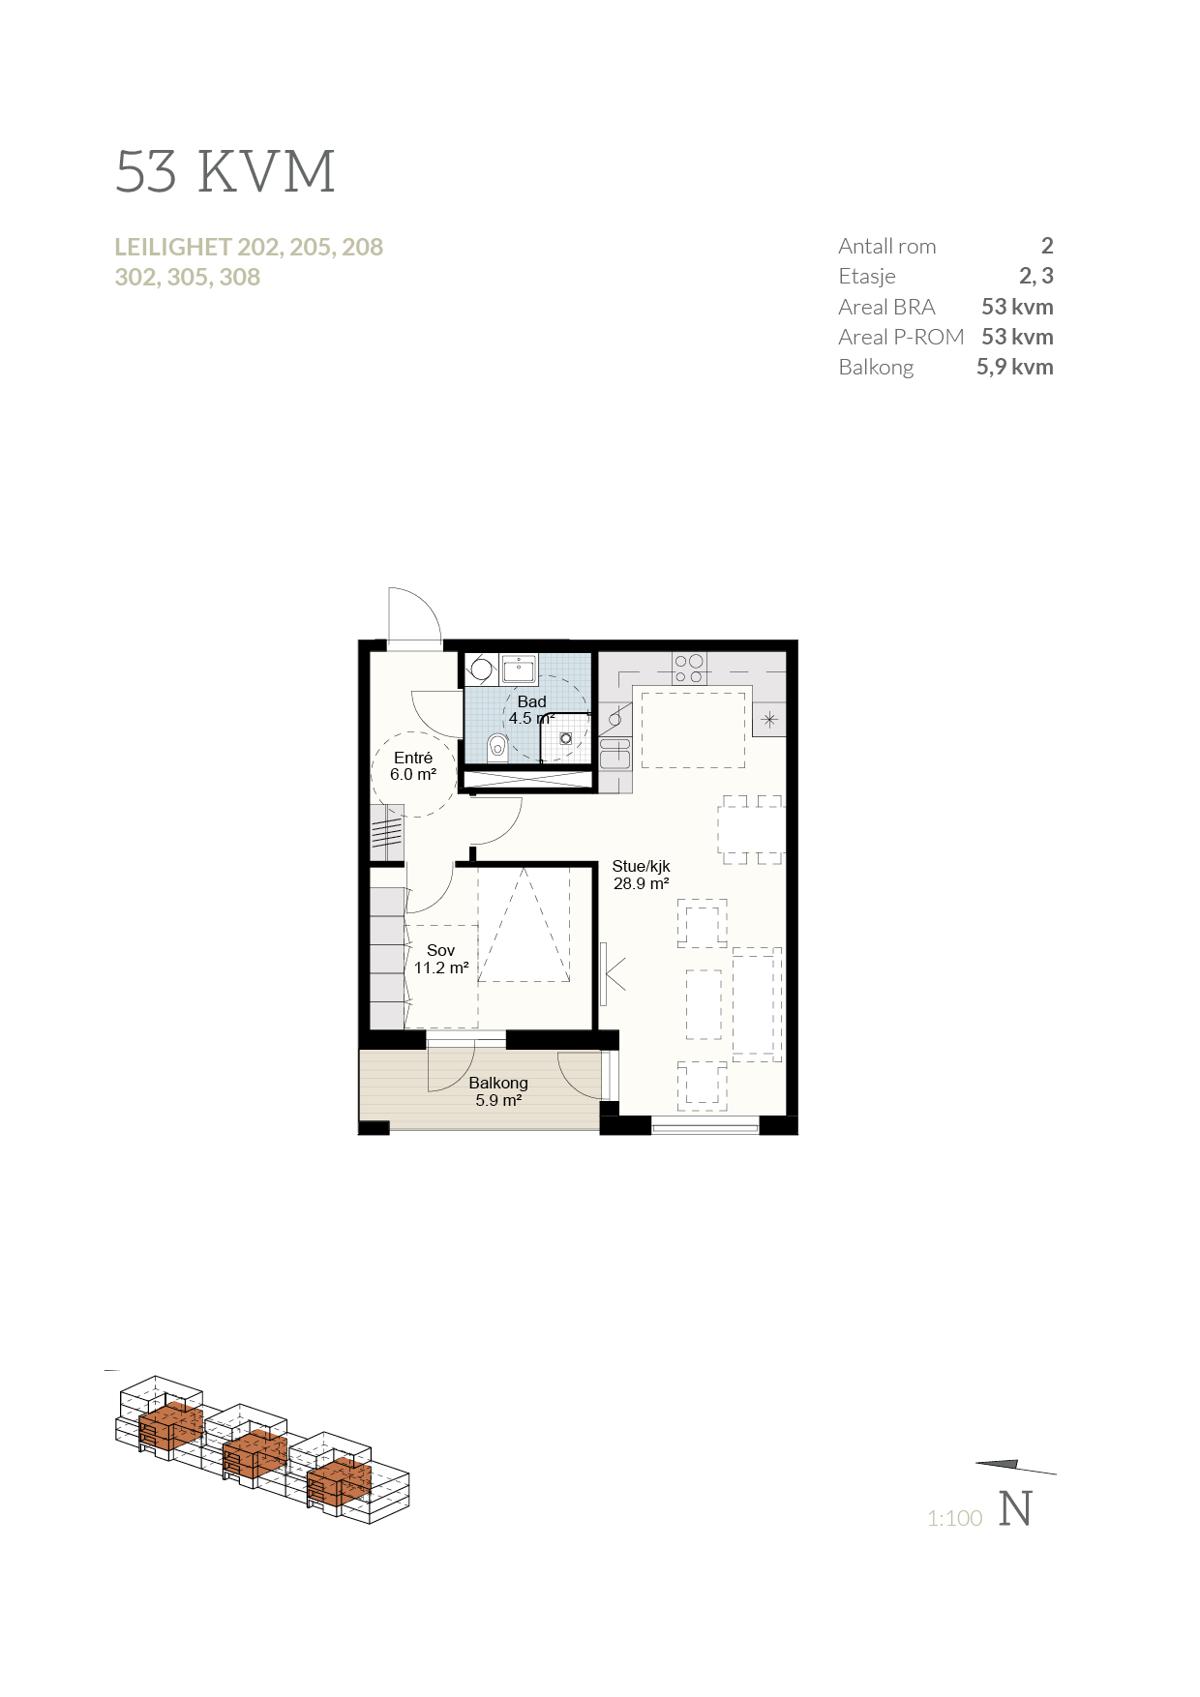 Plantegning leilighet 208